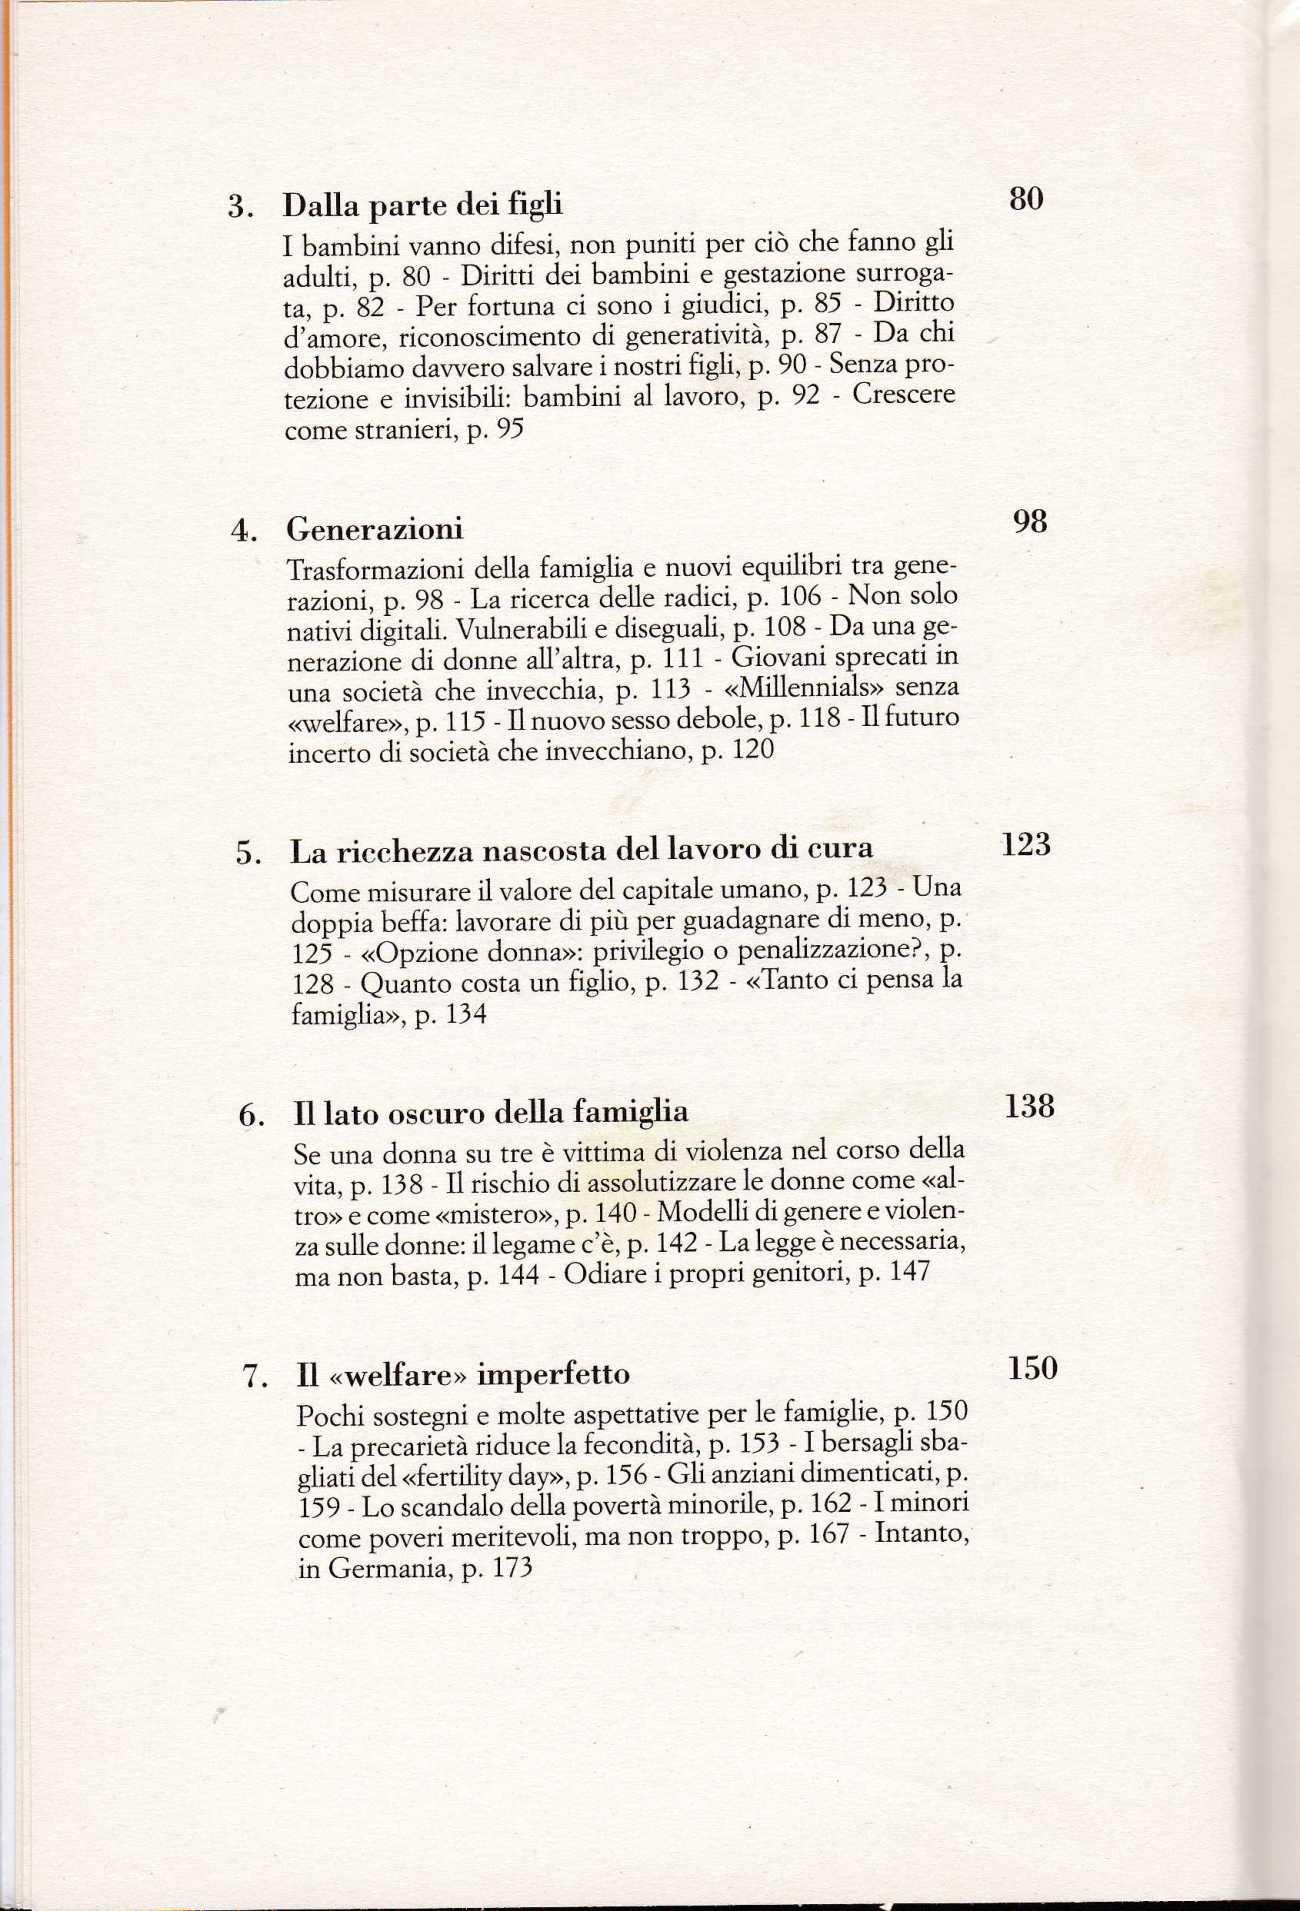 saraceno1448